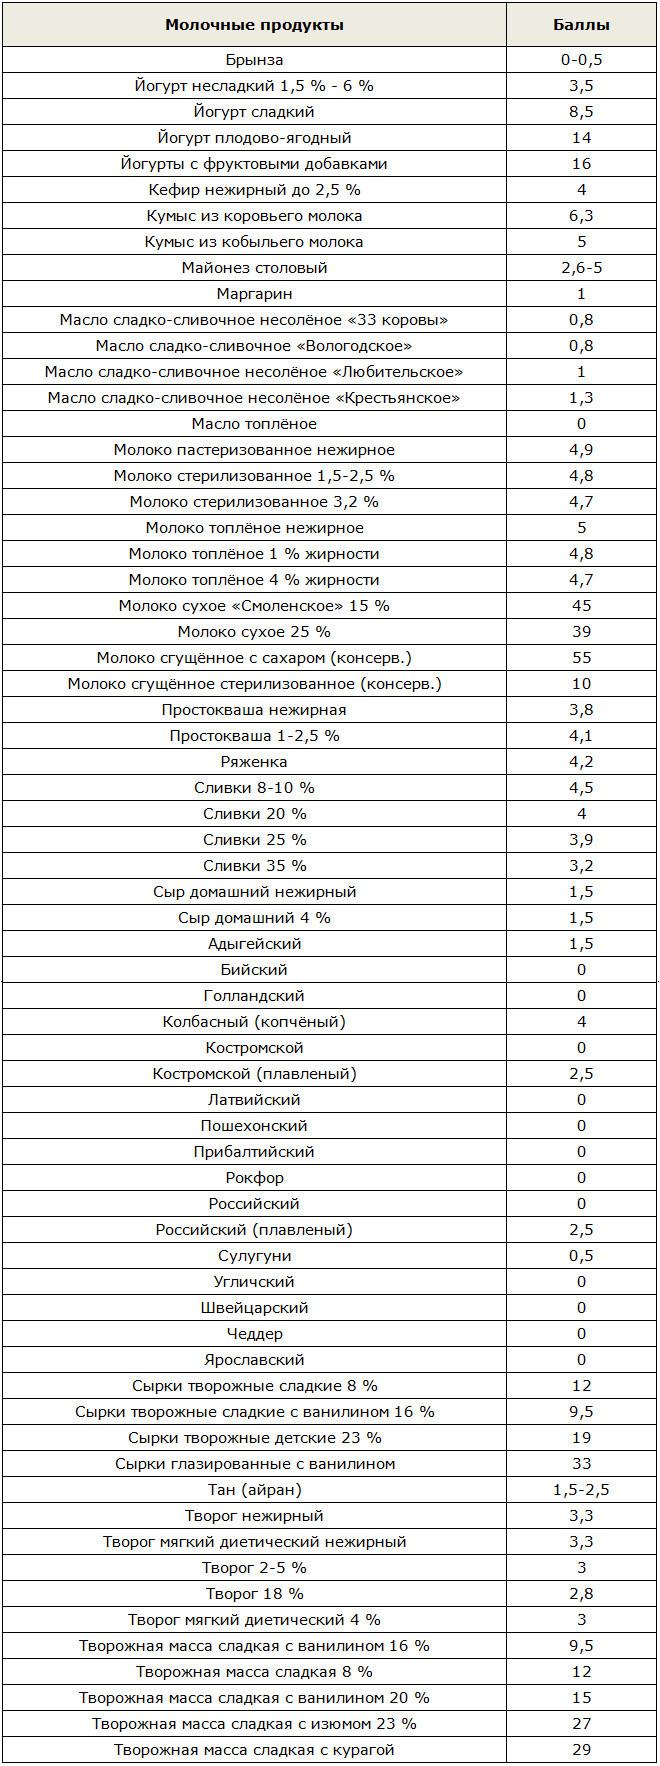 Таблица баллов в кремлёвской диете молочных продуктов